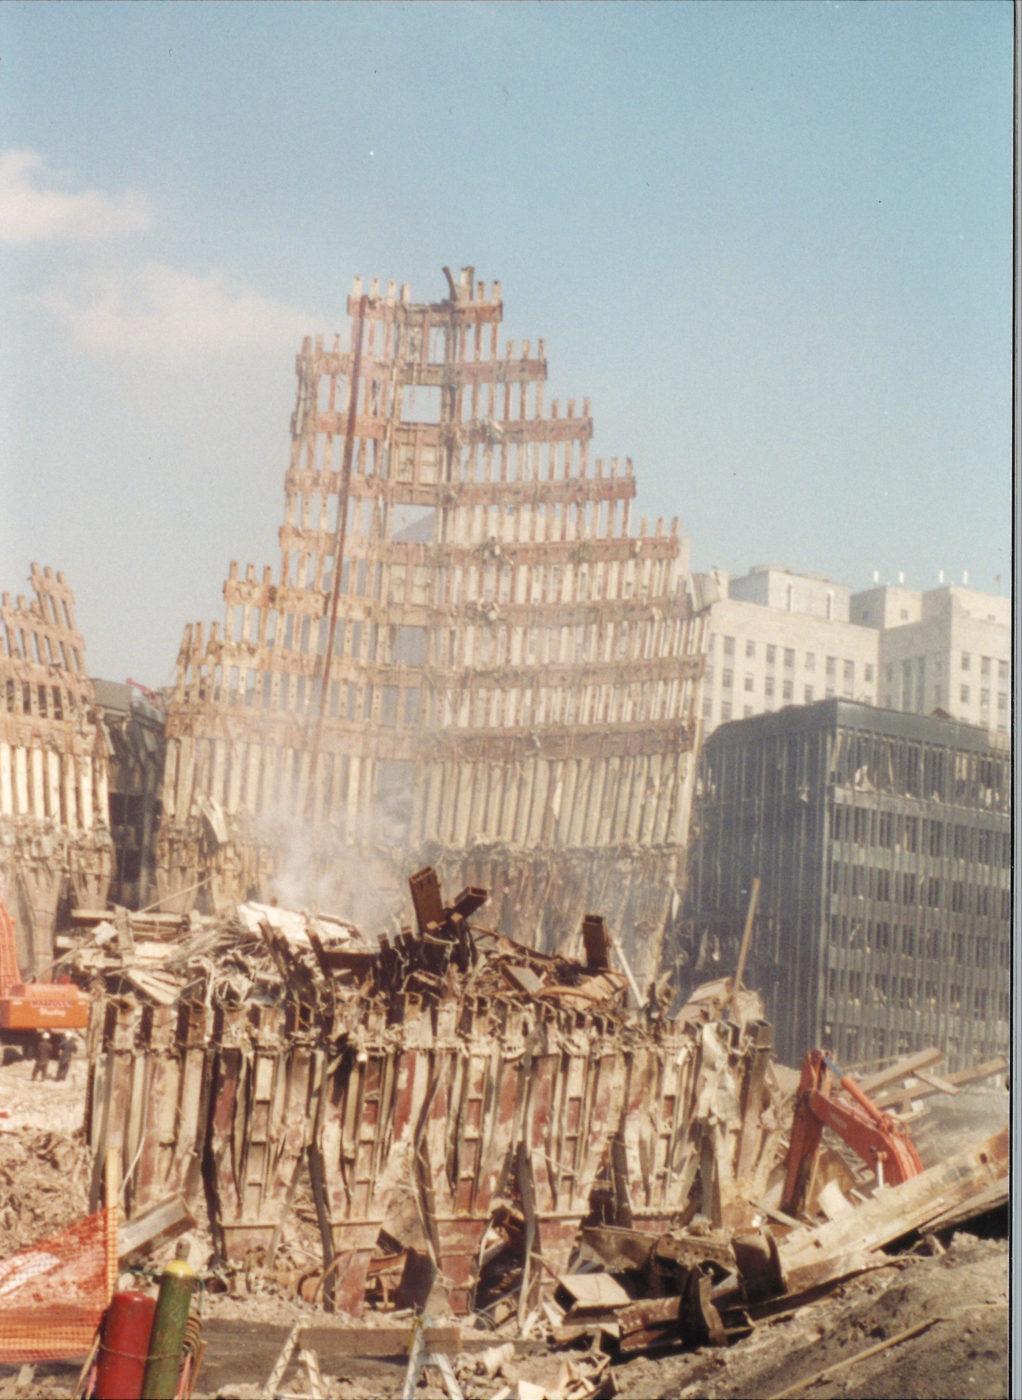 Falling Exoskeleton Surrounded by Debris